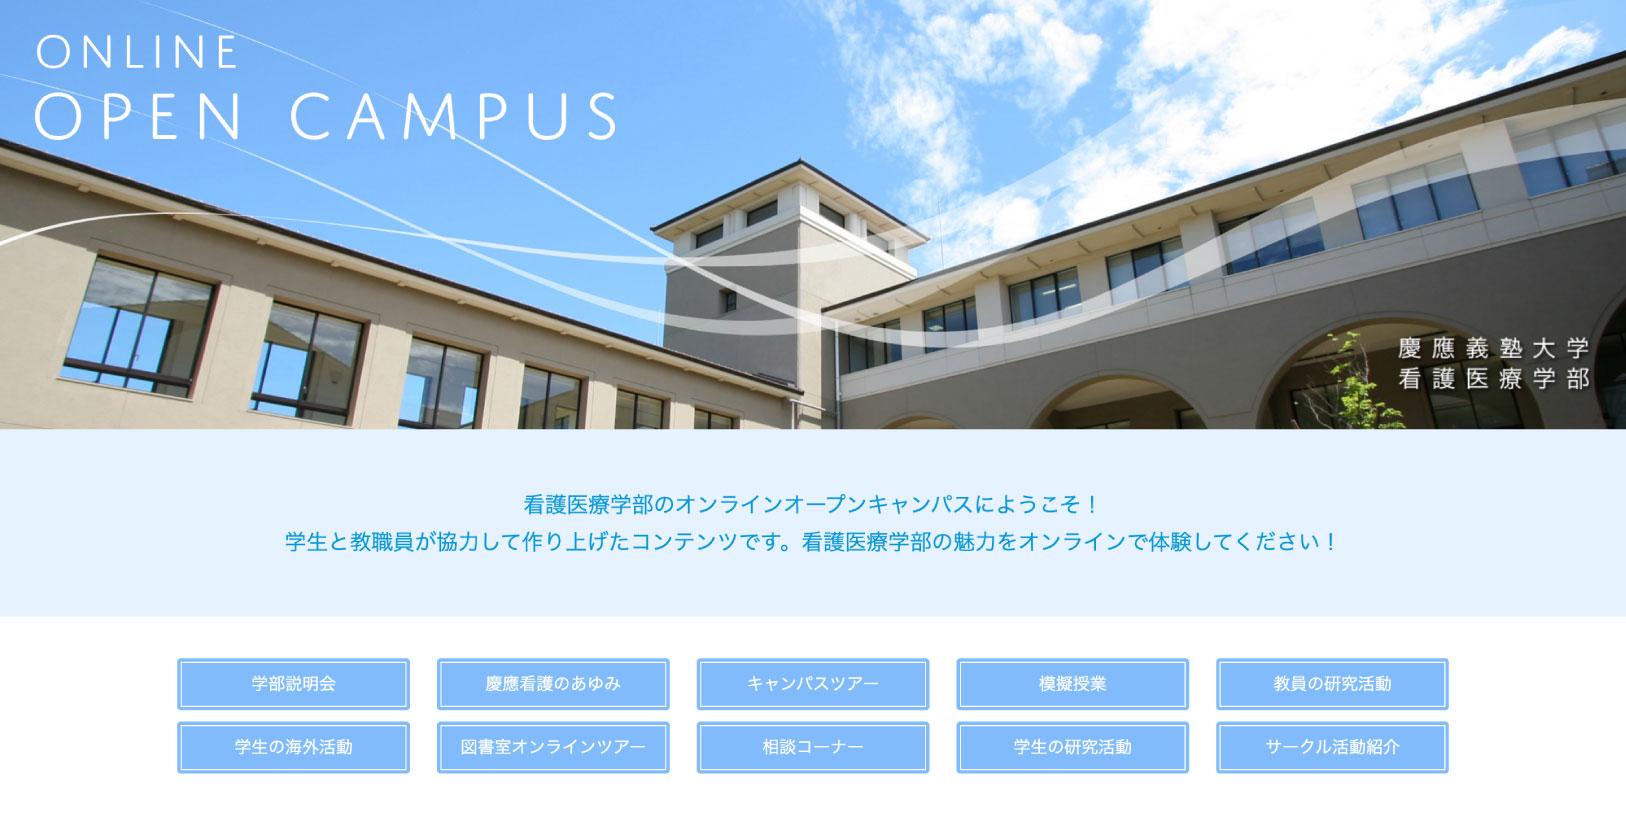 慶応義塾大学看護医療学部のオンラインオープンキャンパス